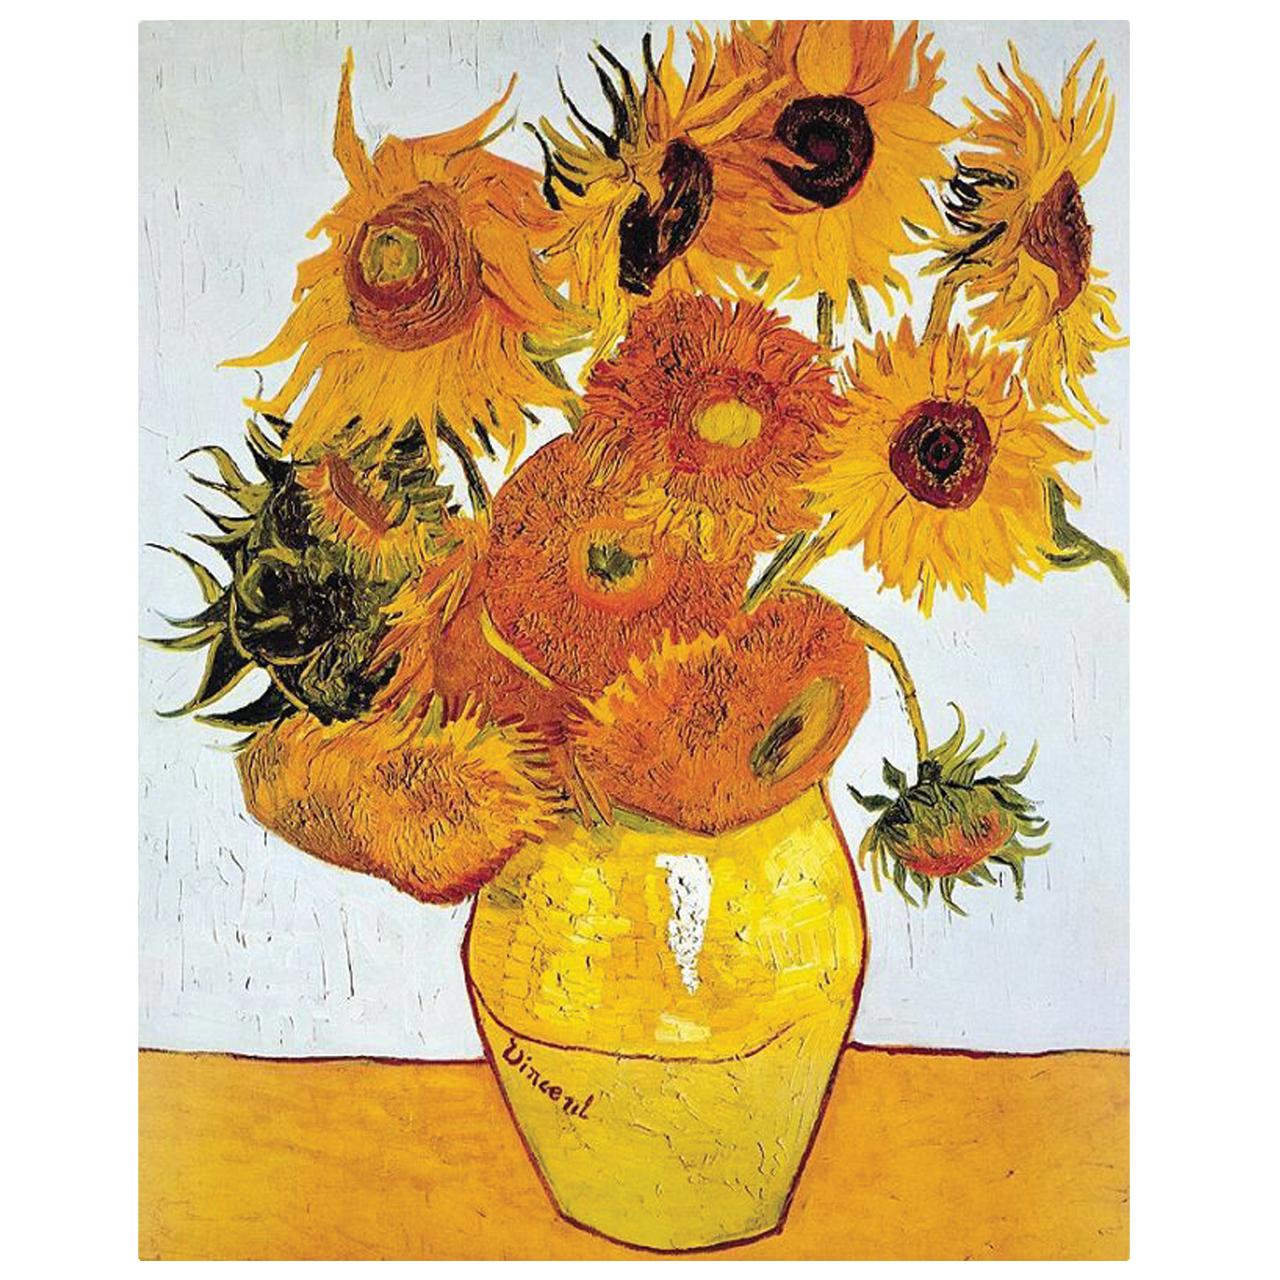 تابلو نقاشی طرح گل های آفتابگردان ونگوگ کد 1023